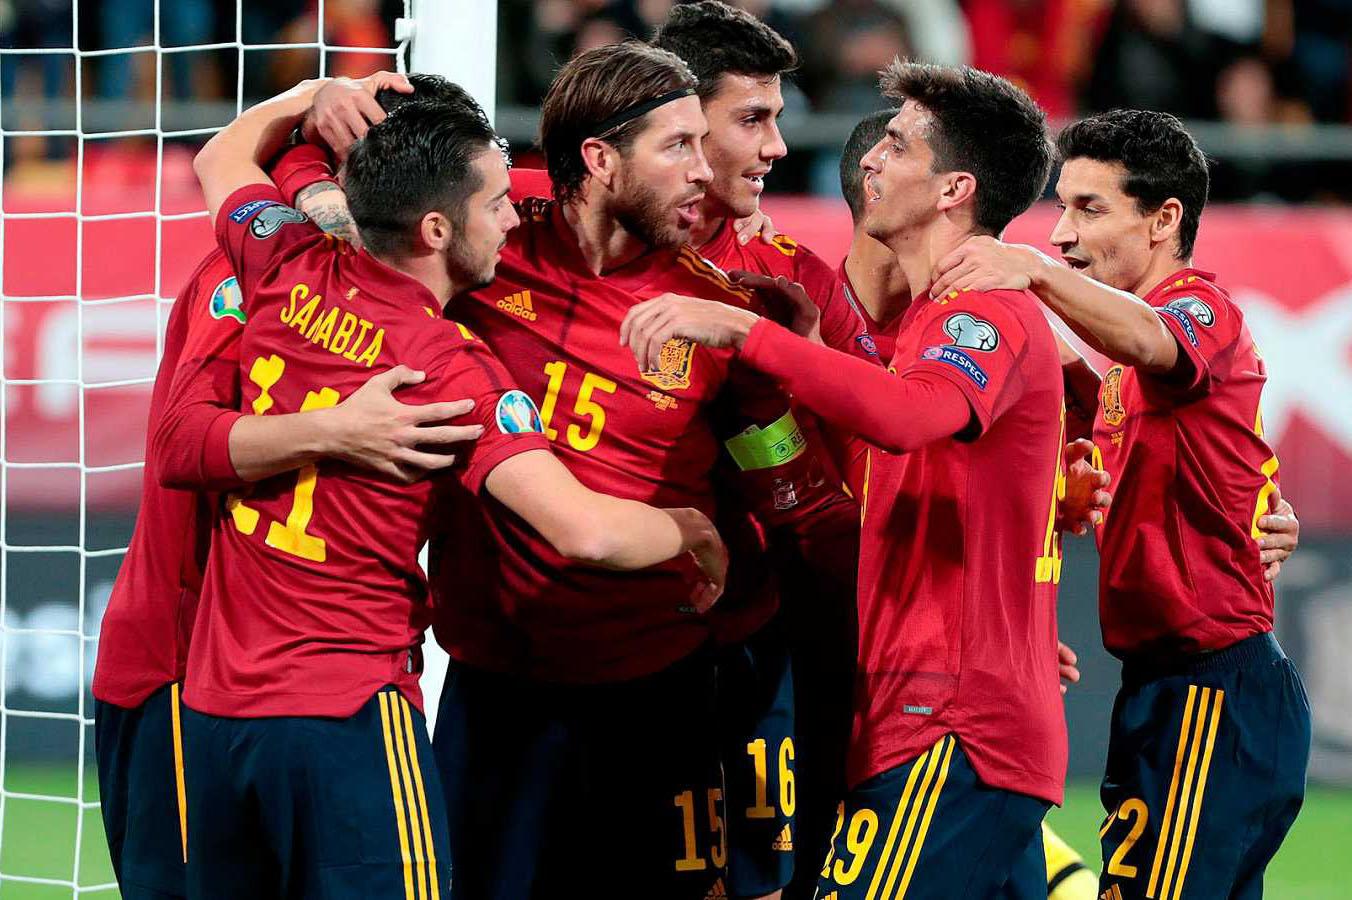 مزيج الخبرة والشباب يحقق الأهداف ويعزز طموح المنتخب الإسباني